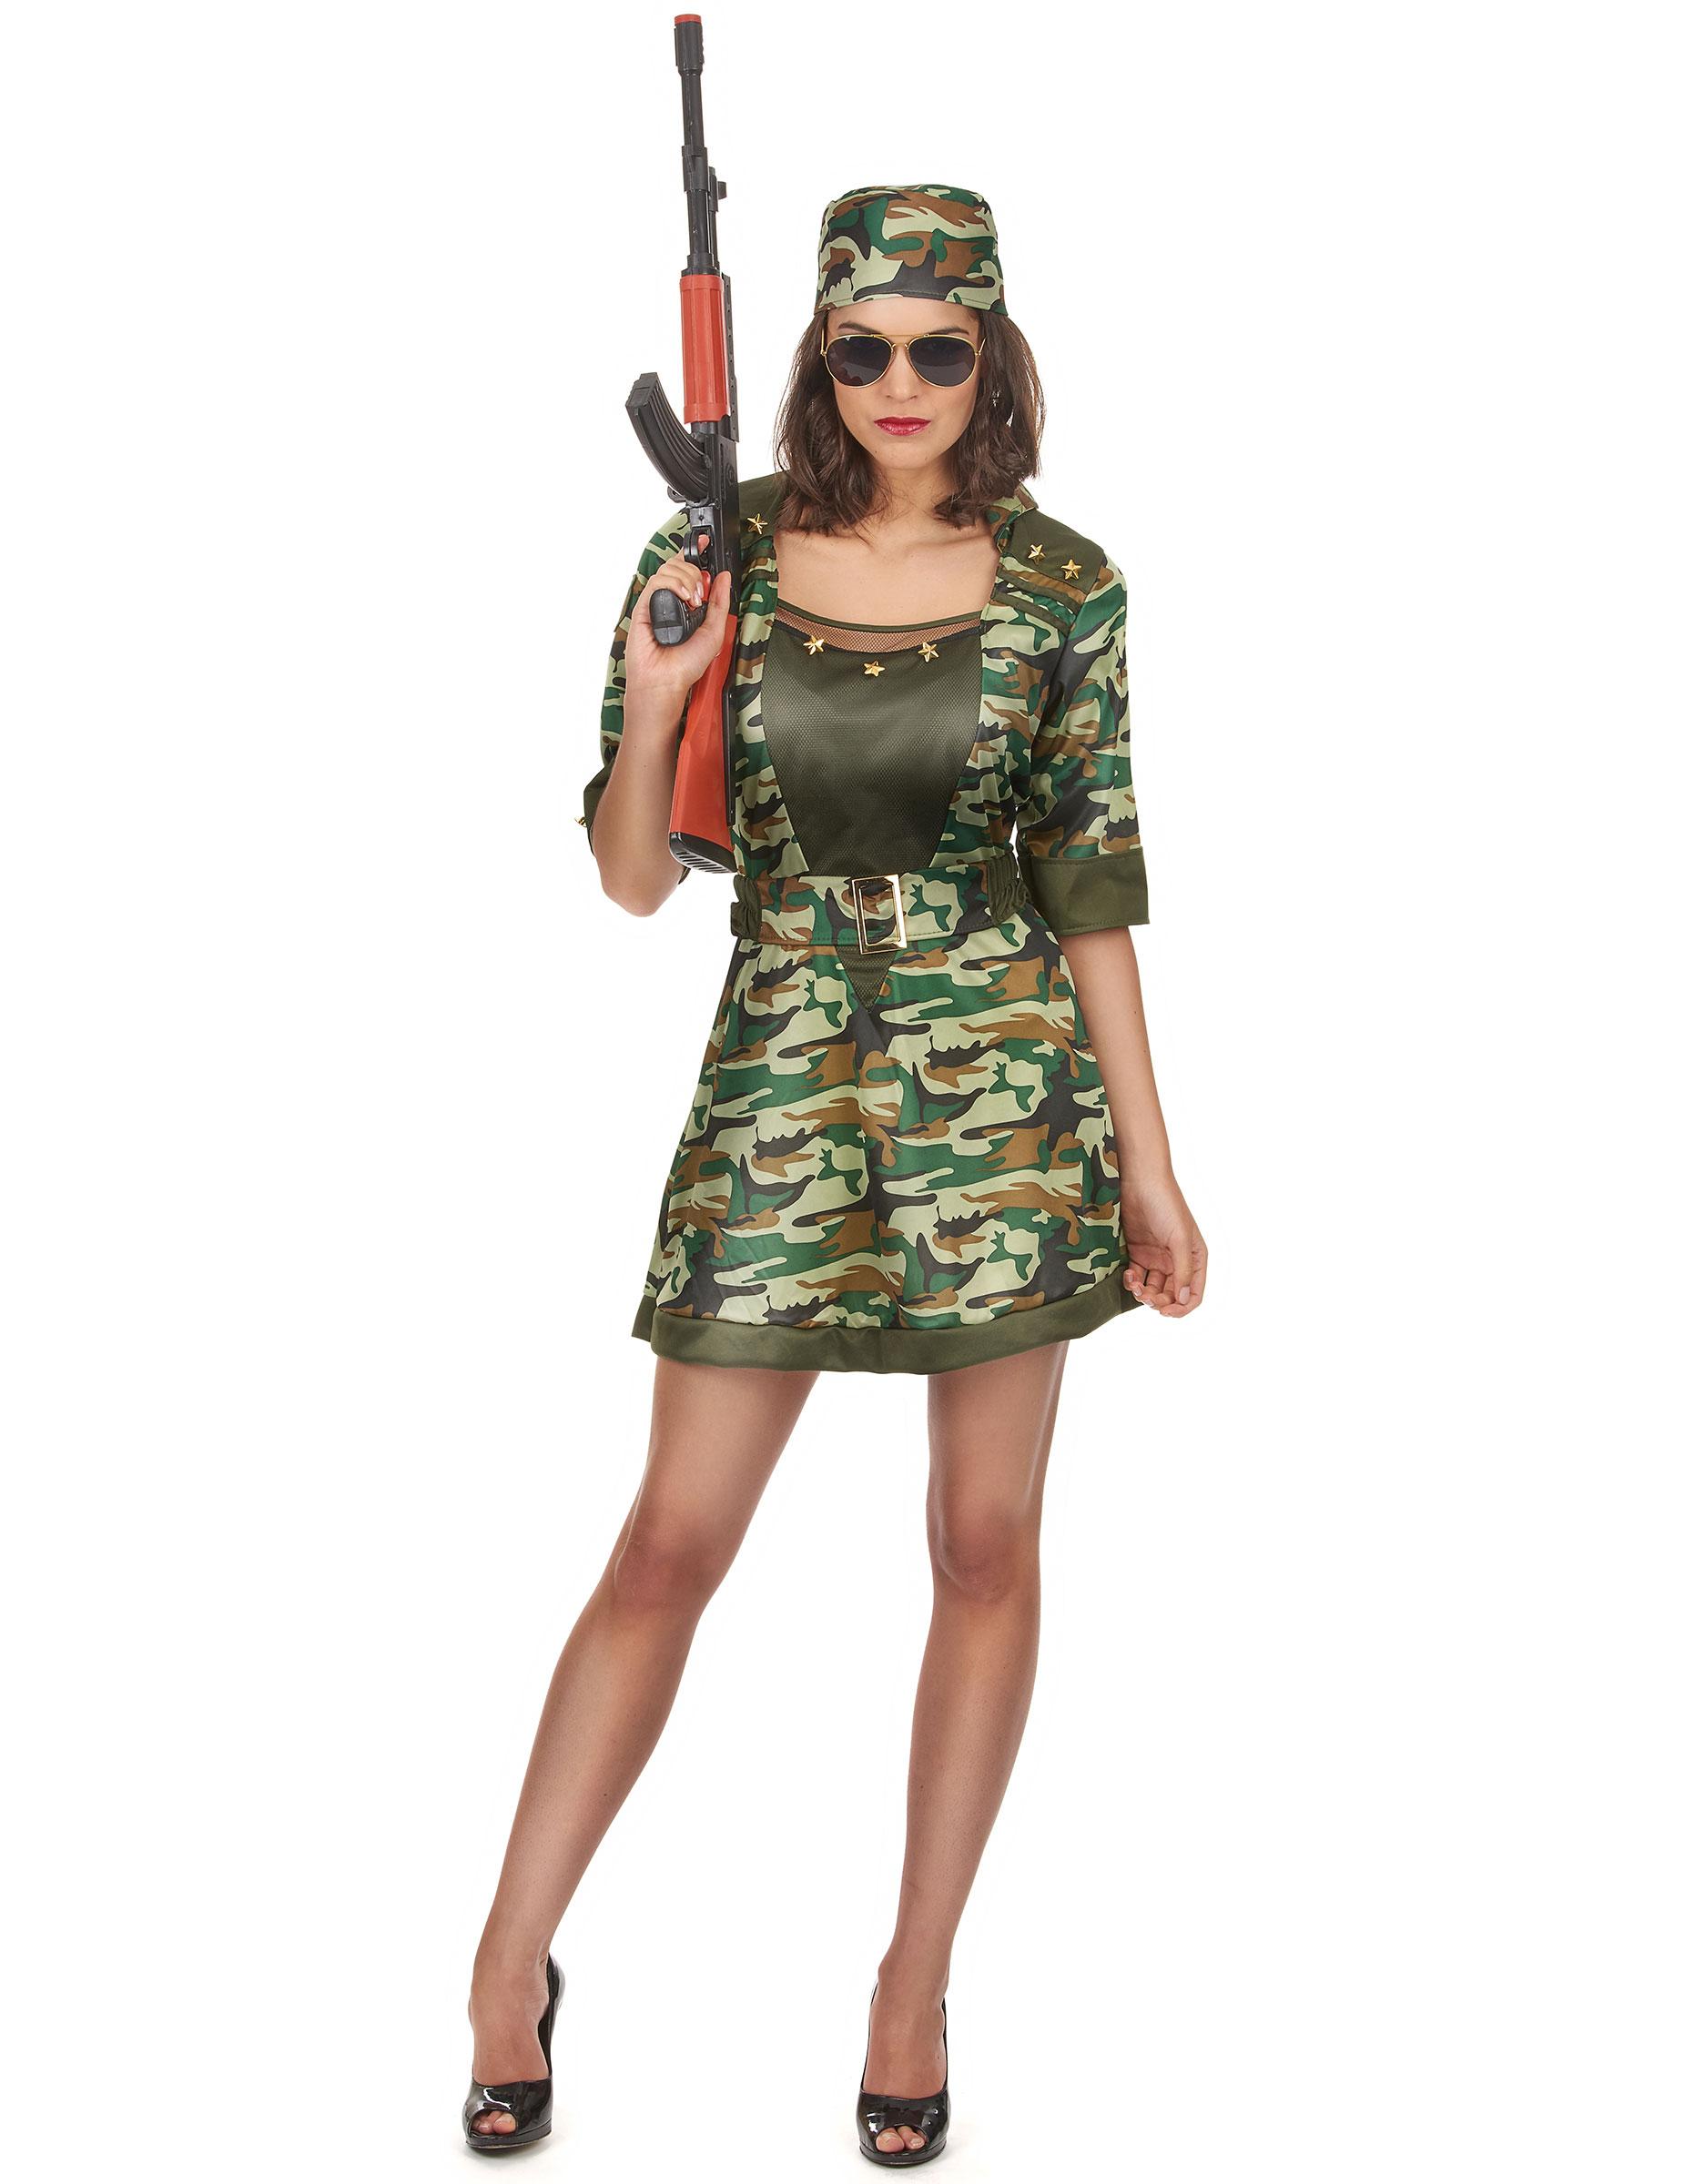 Upptäck de finaste maskeradkläderna i militärtema för vuxna från ... c2363db5cb74e